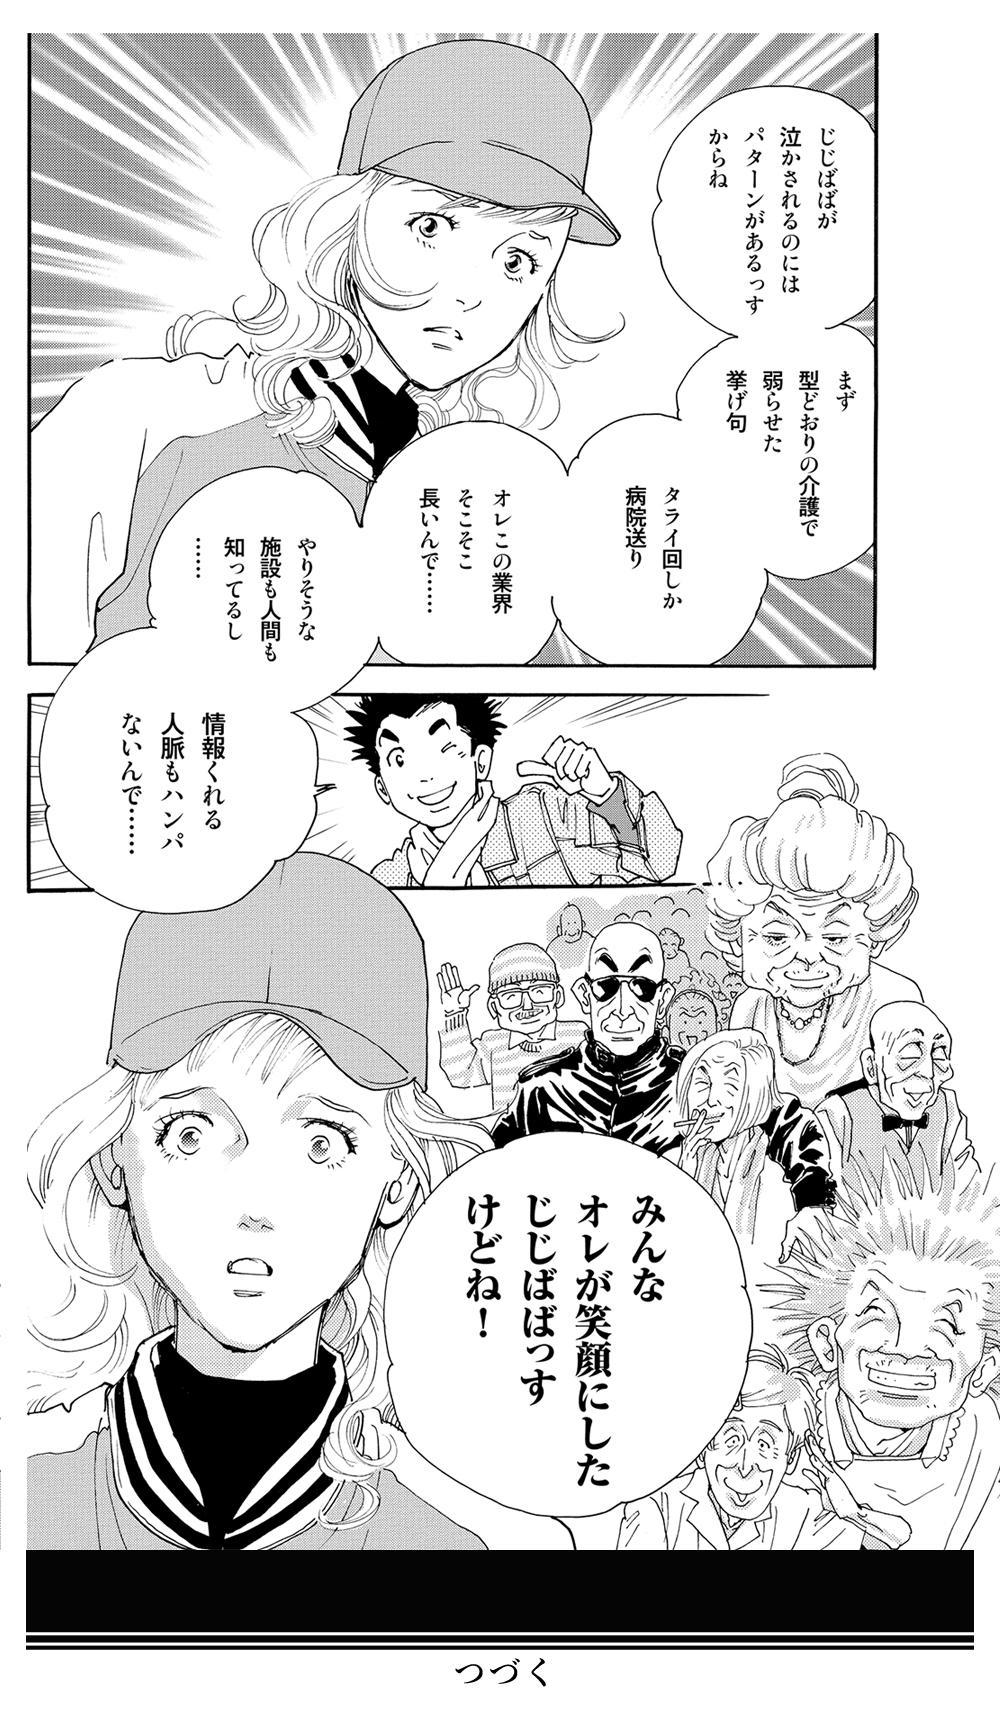 ヘルプマン!! 第3話「怪しい男」helpman03-16.jpg